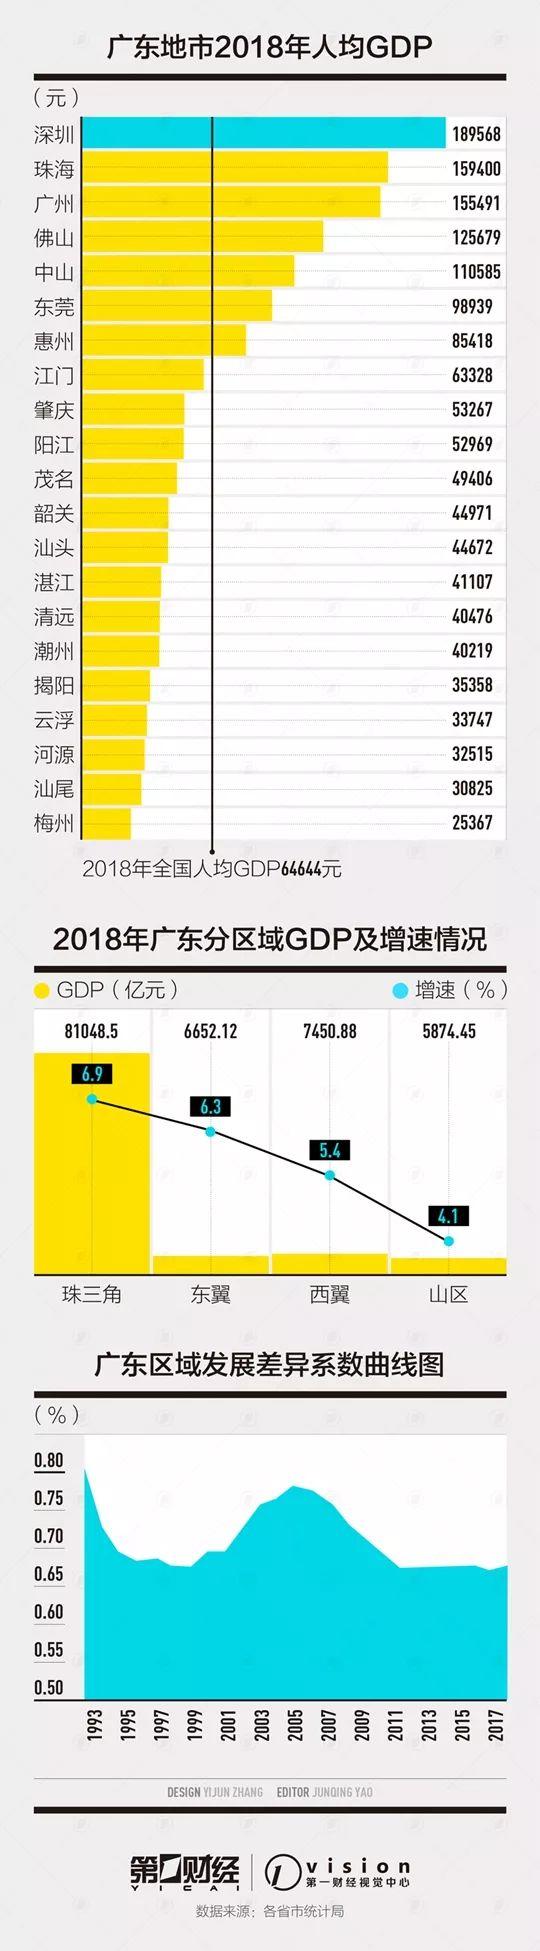 东部5省区域均衡度比较:2/3地市人均GDP低于全国